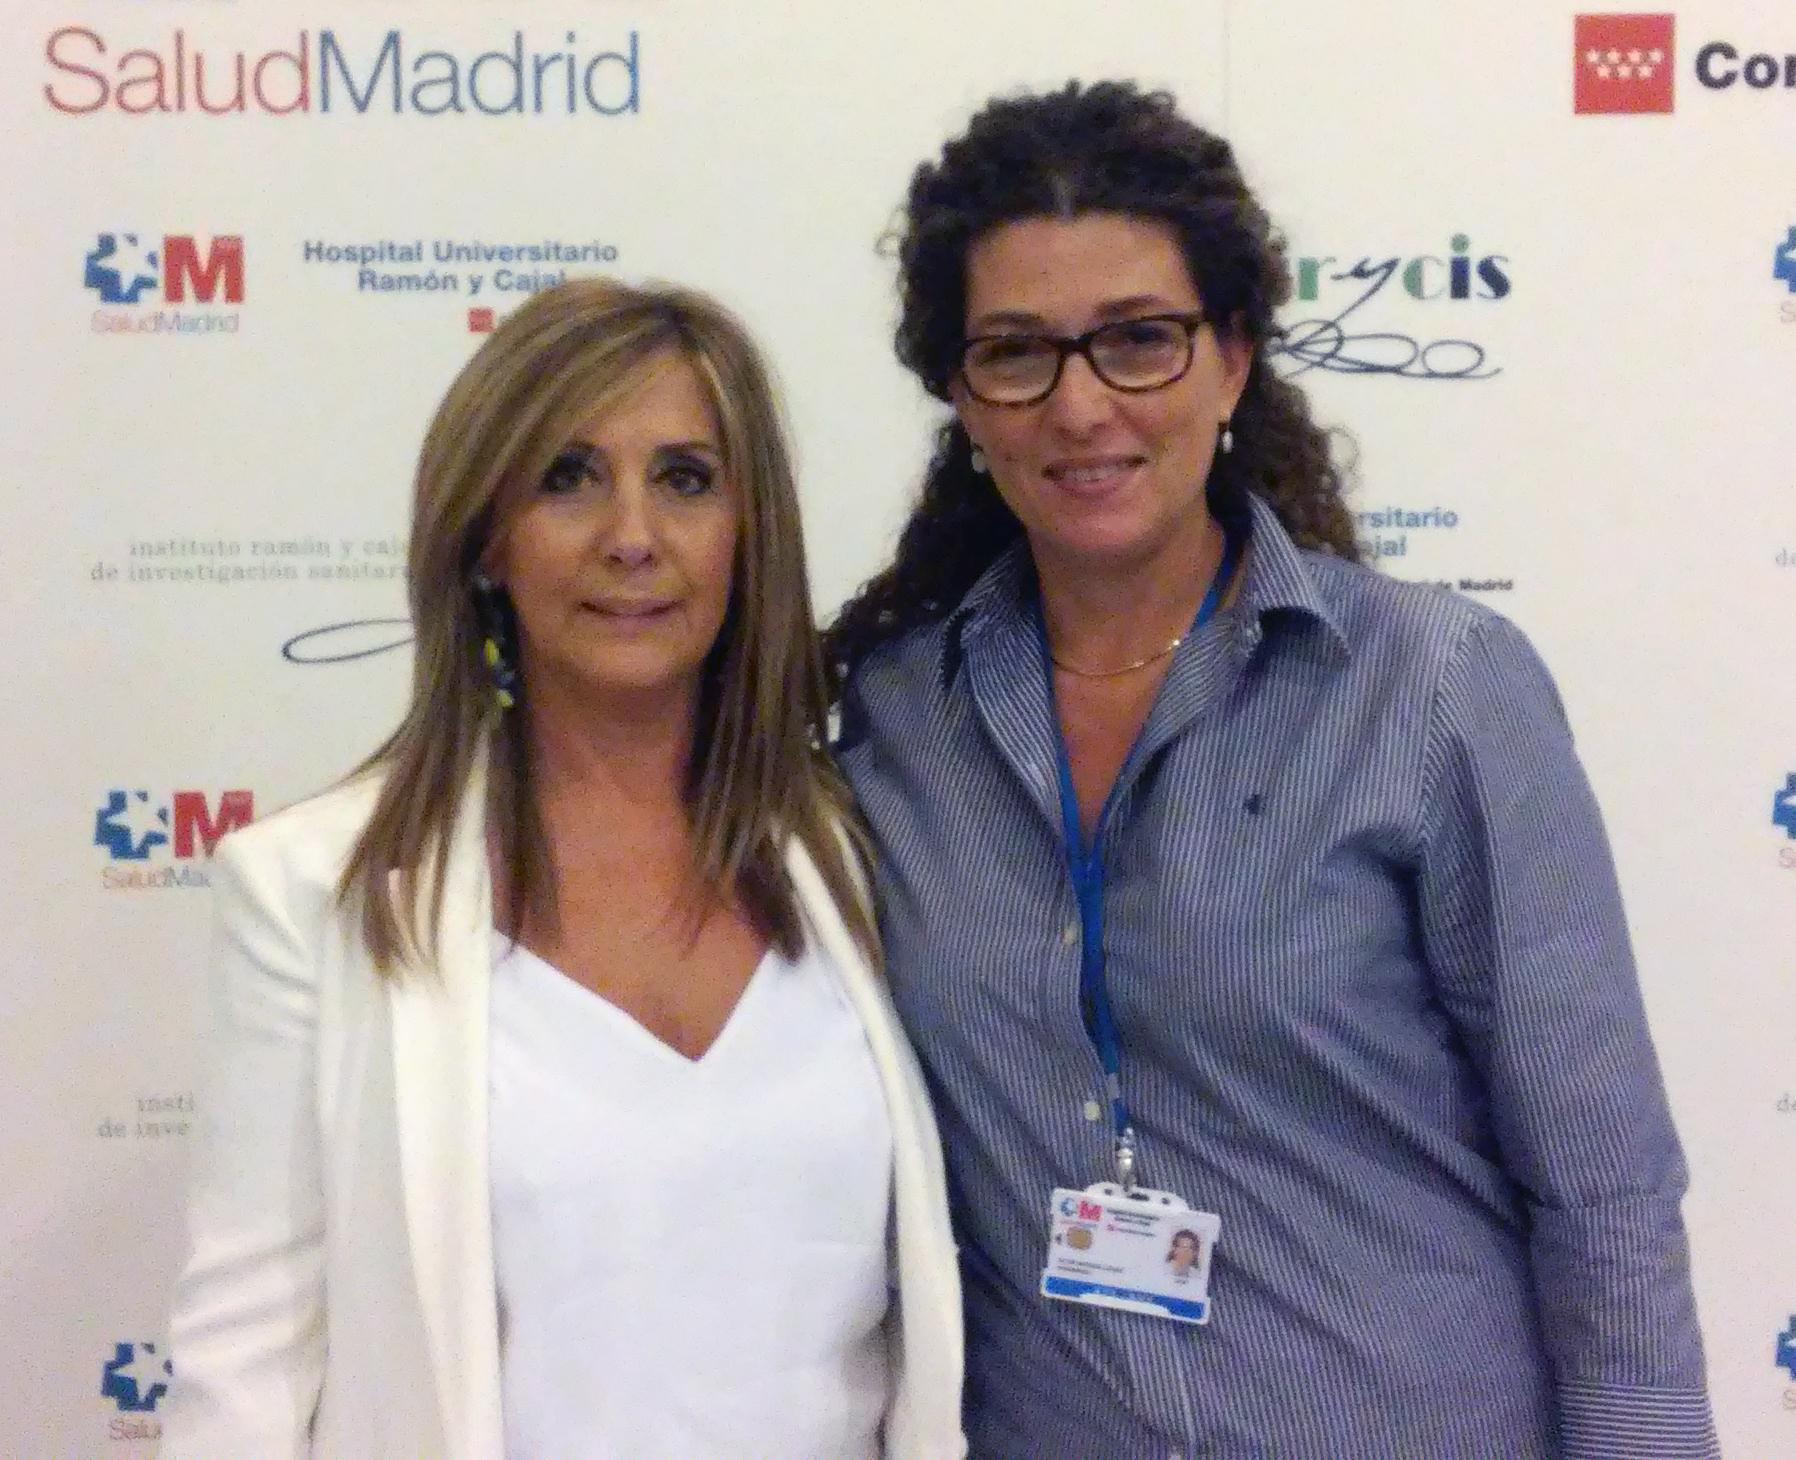 Azucena Marzo y Olga Salcedo, enfermeras integrantes de la Unidad de Micropigmentación